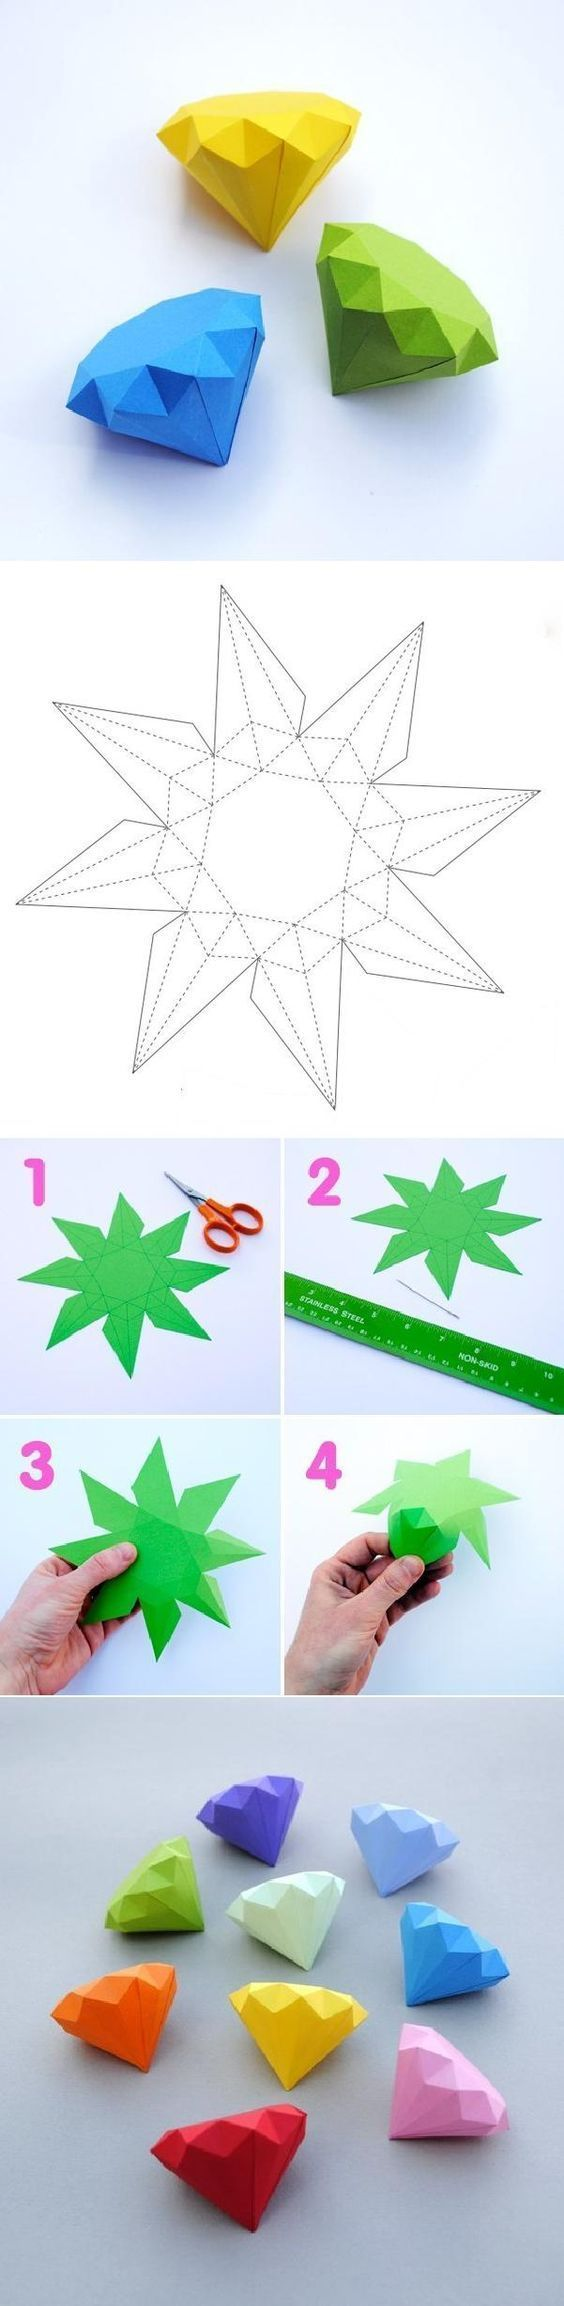 Математические поделки из бумаги своими руками